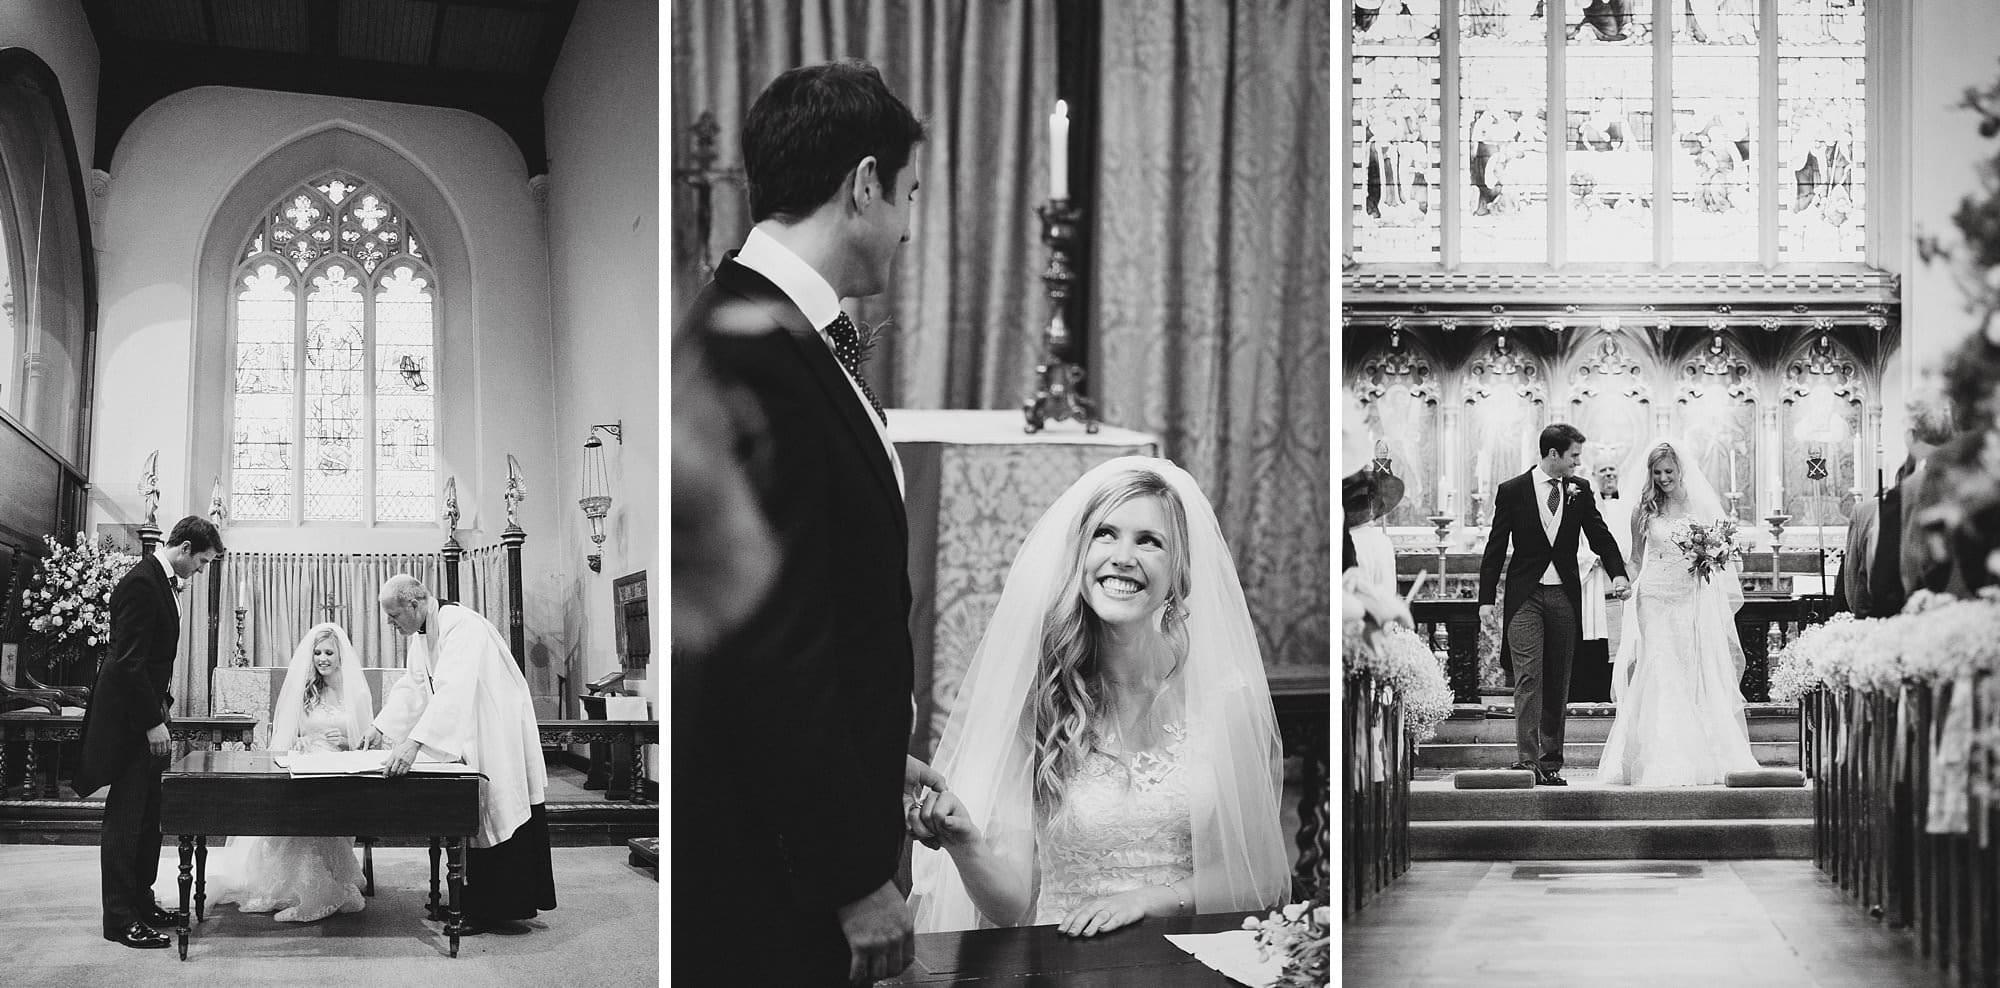 fulham palace wedding photographer 038 - Rosanna & Duncan's Fulham Palace Wedding